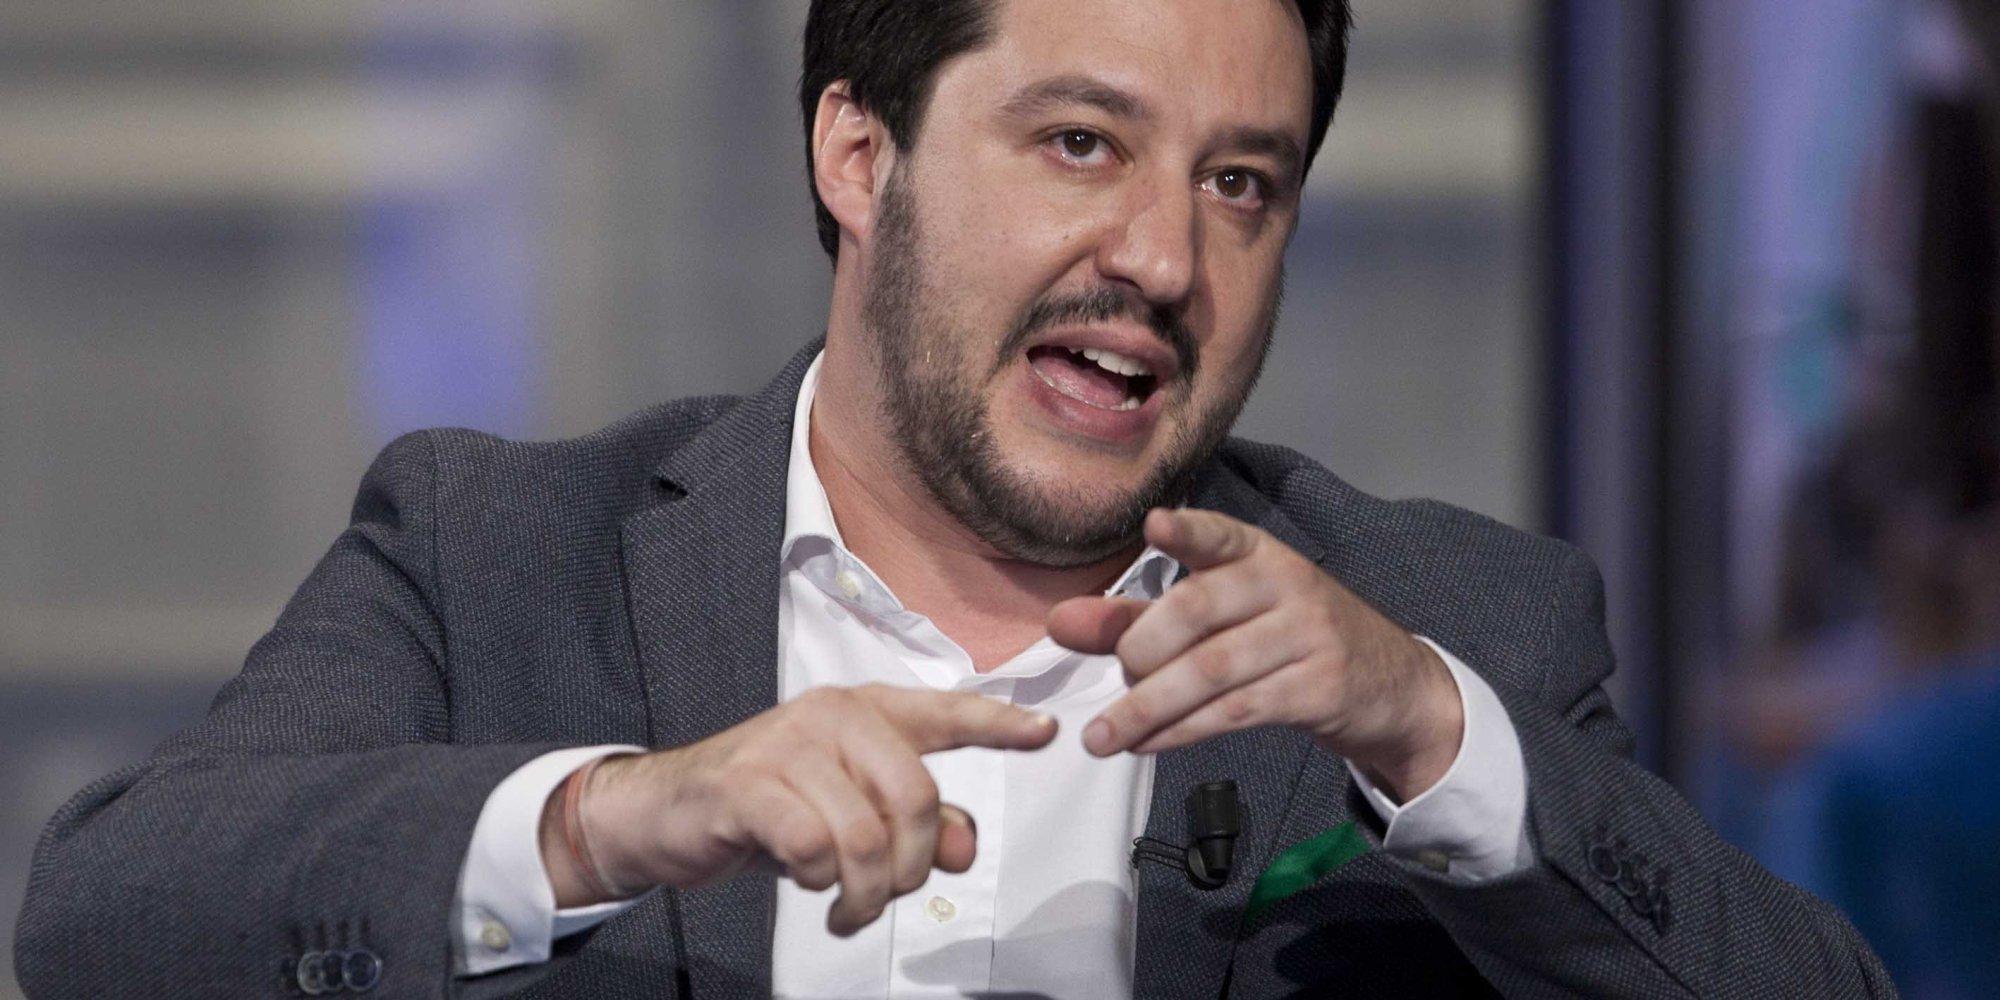 Salvini al question time: presunte irregolarità sul voto ad Ariano Irpino, Aversa e Termoli